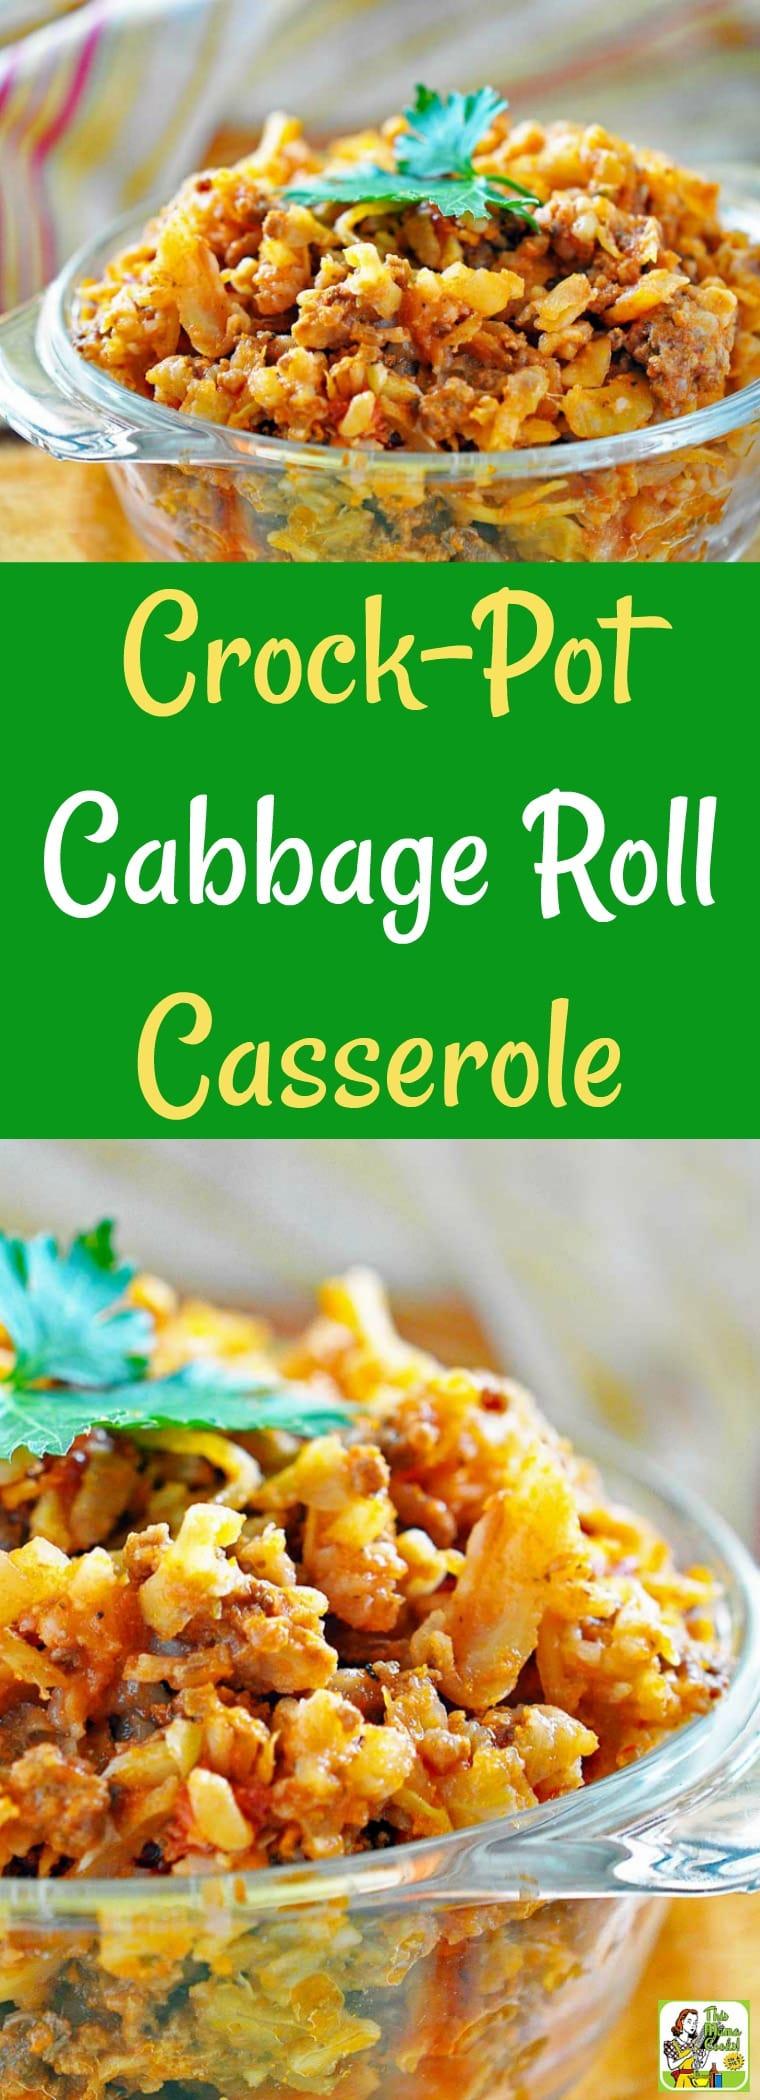 Cabbage Roll Casserole Crock-Pot Recipe